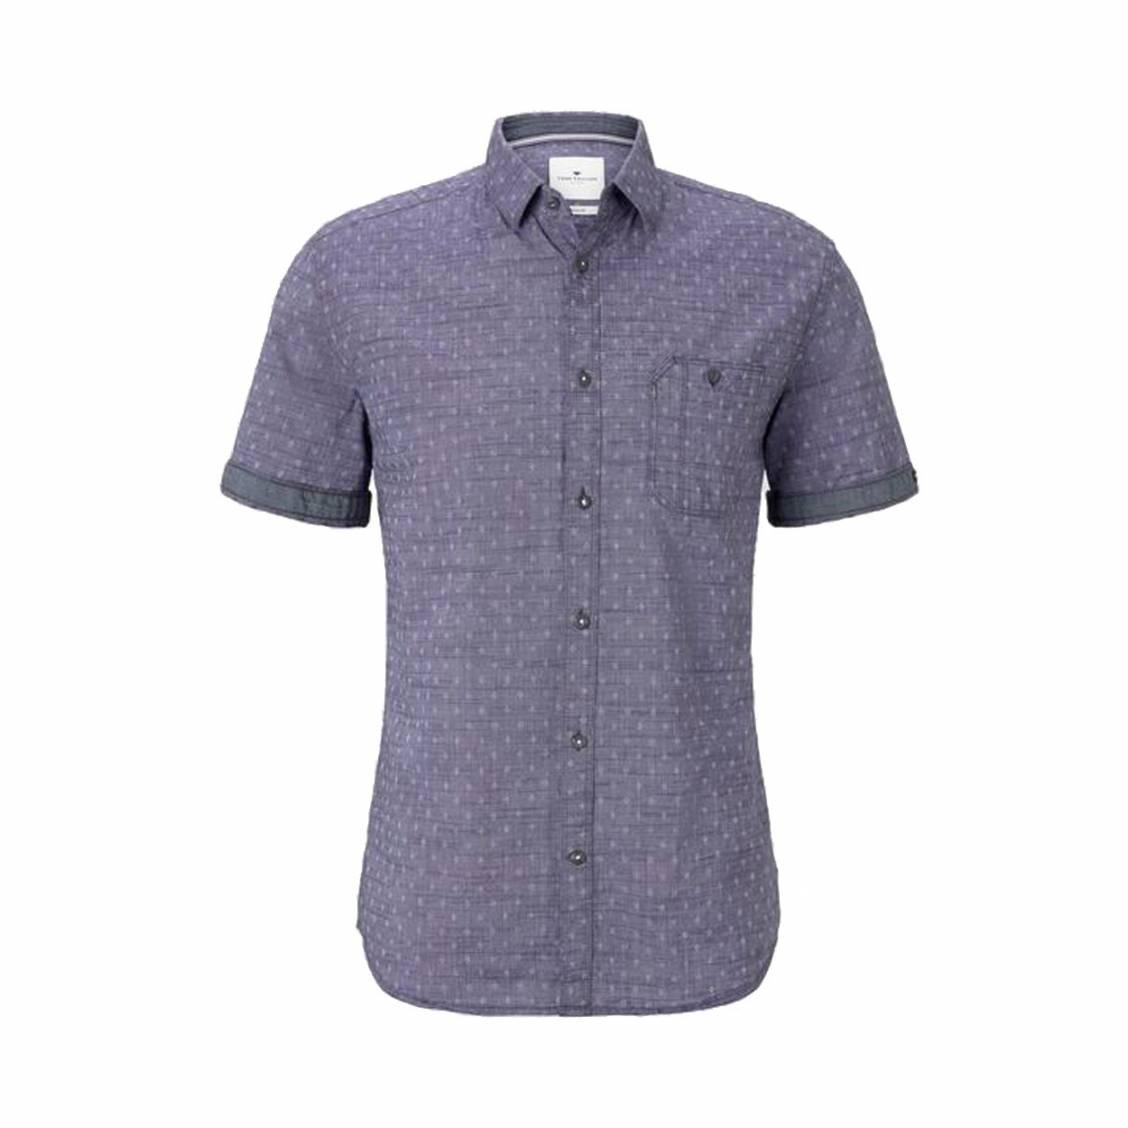 Chemise ajustée manches courtes Tom Tailor en coton bleu indigo à micros motifs blancs